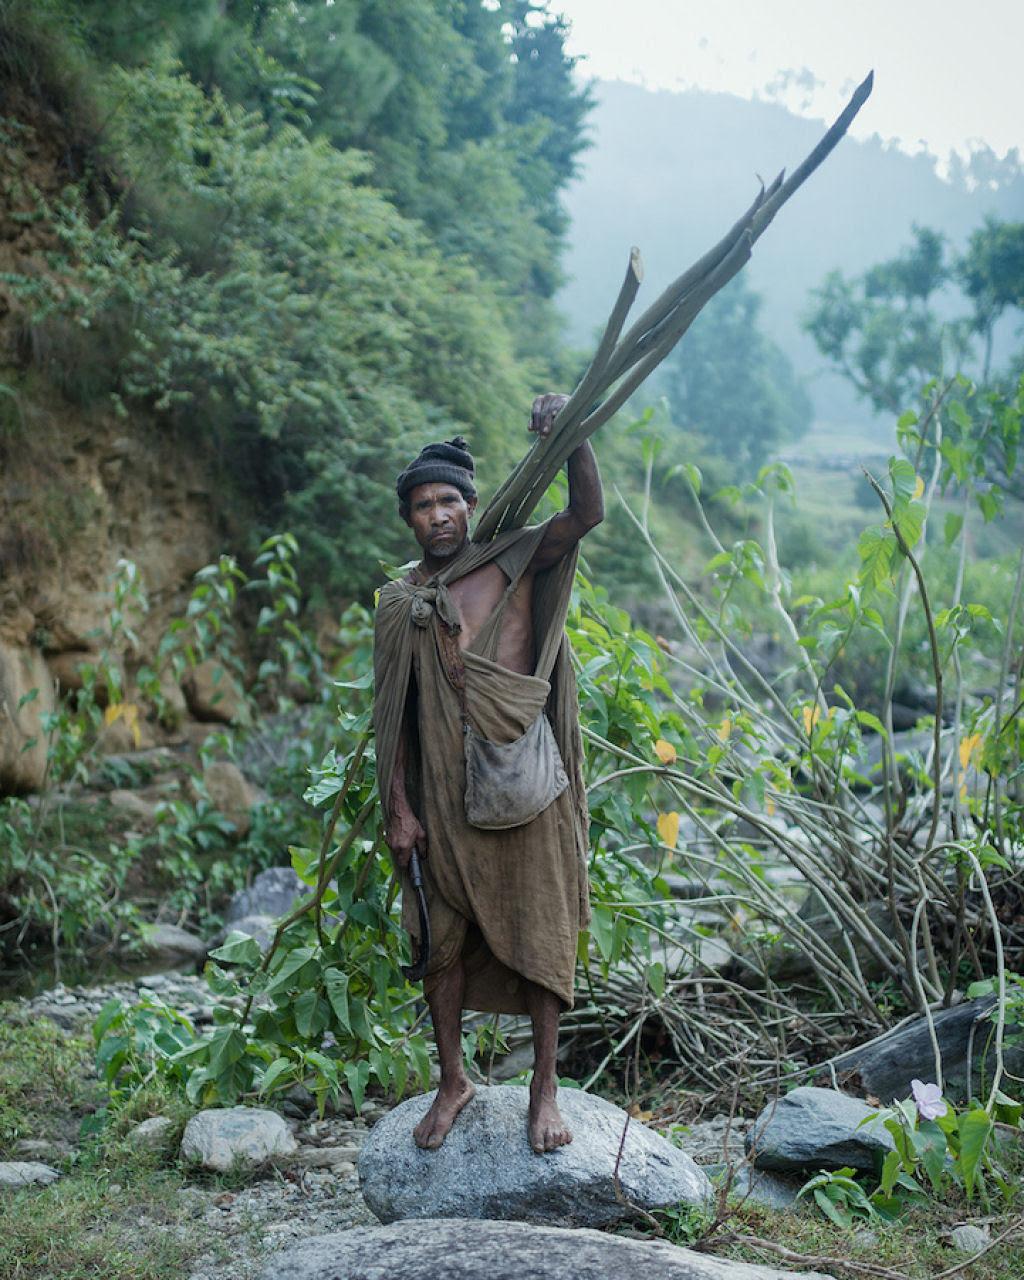 Fotógrafo documenta os últimos caçadores-coletores de tribo do Himalaia 17